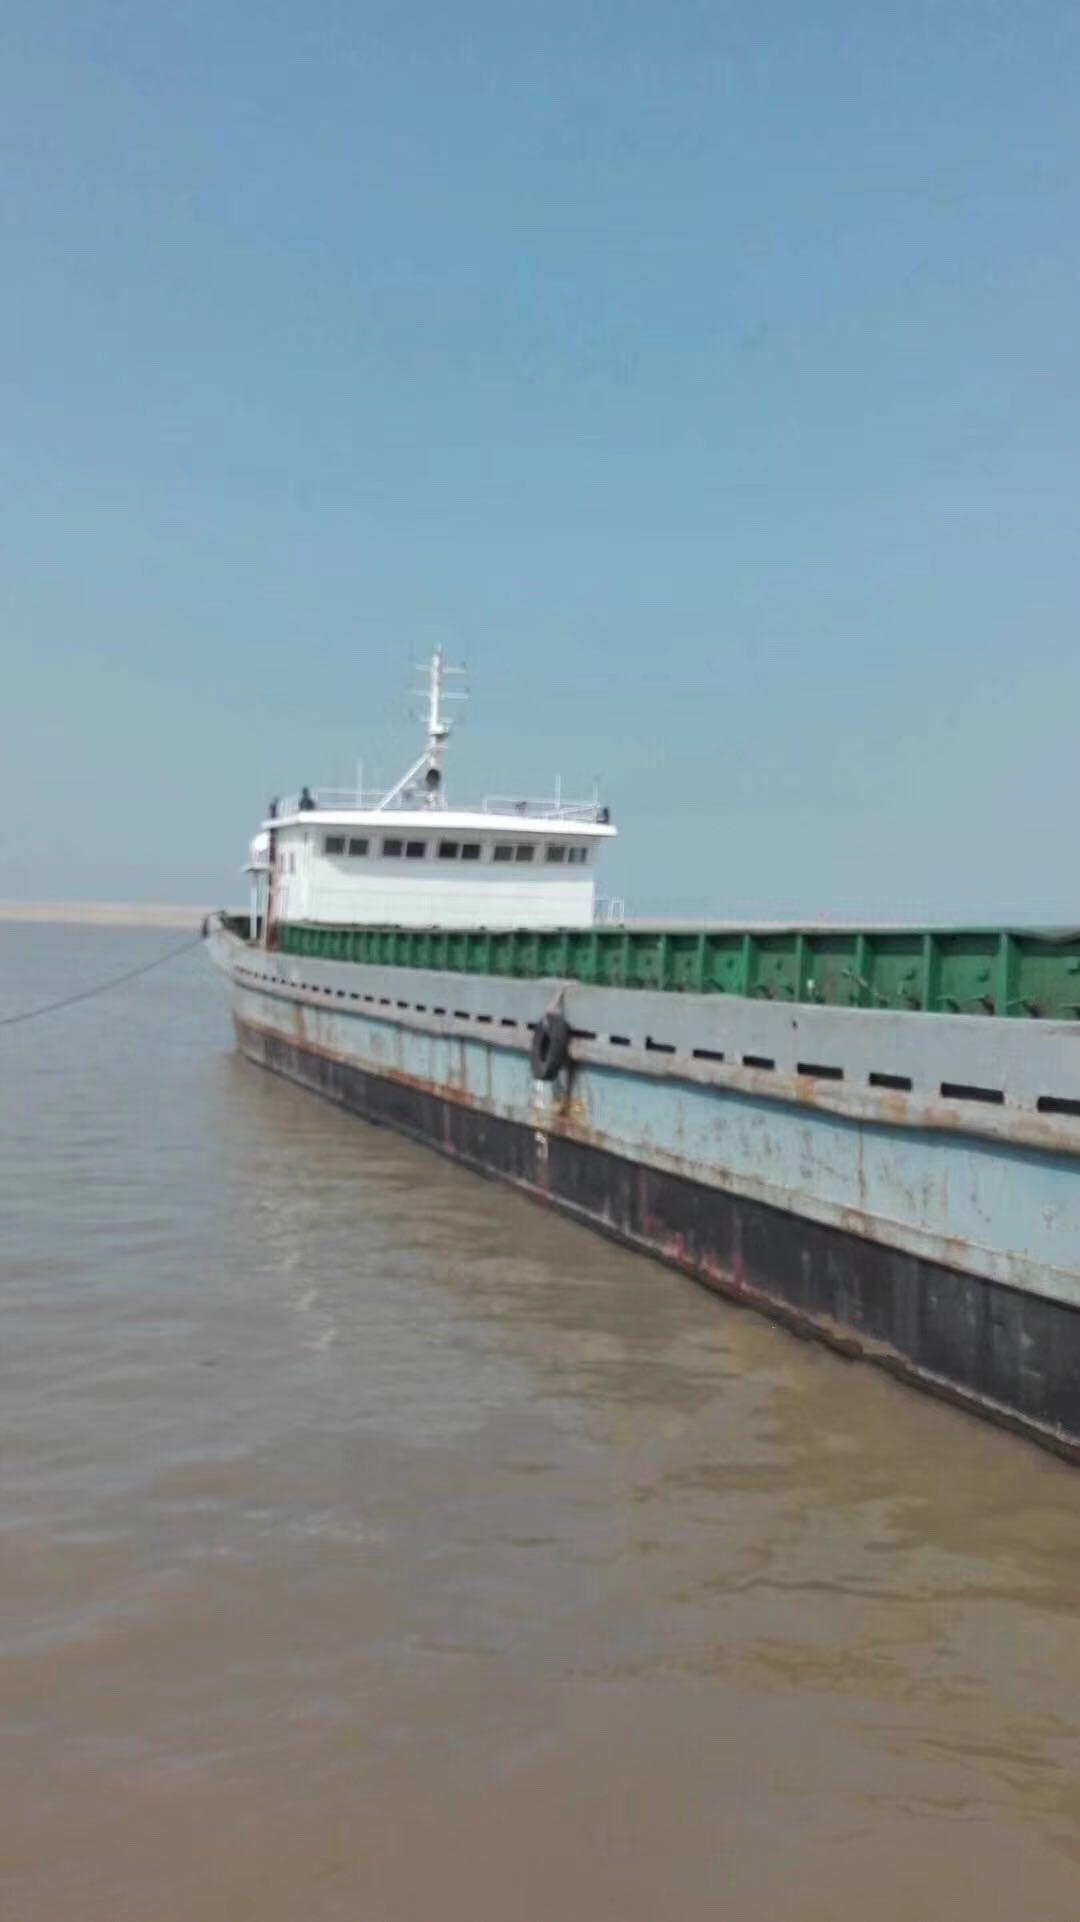 5.3万吨散货船价格_3000吨散货船价格售1.6万吨沿海散货船【散货船出售】,船舶